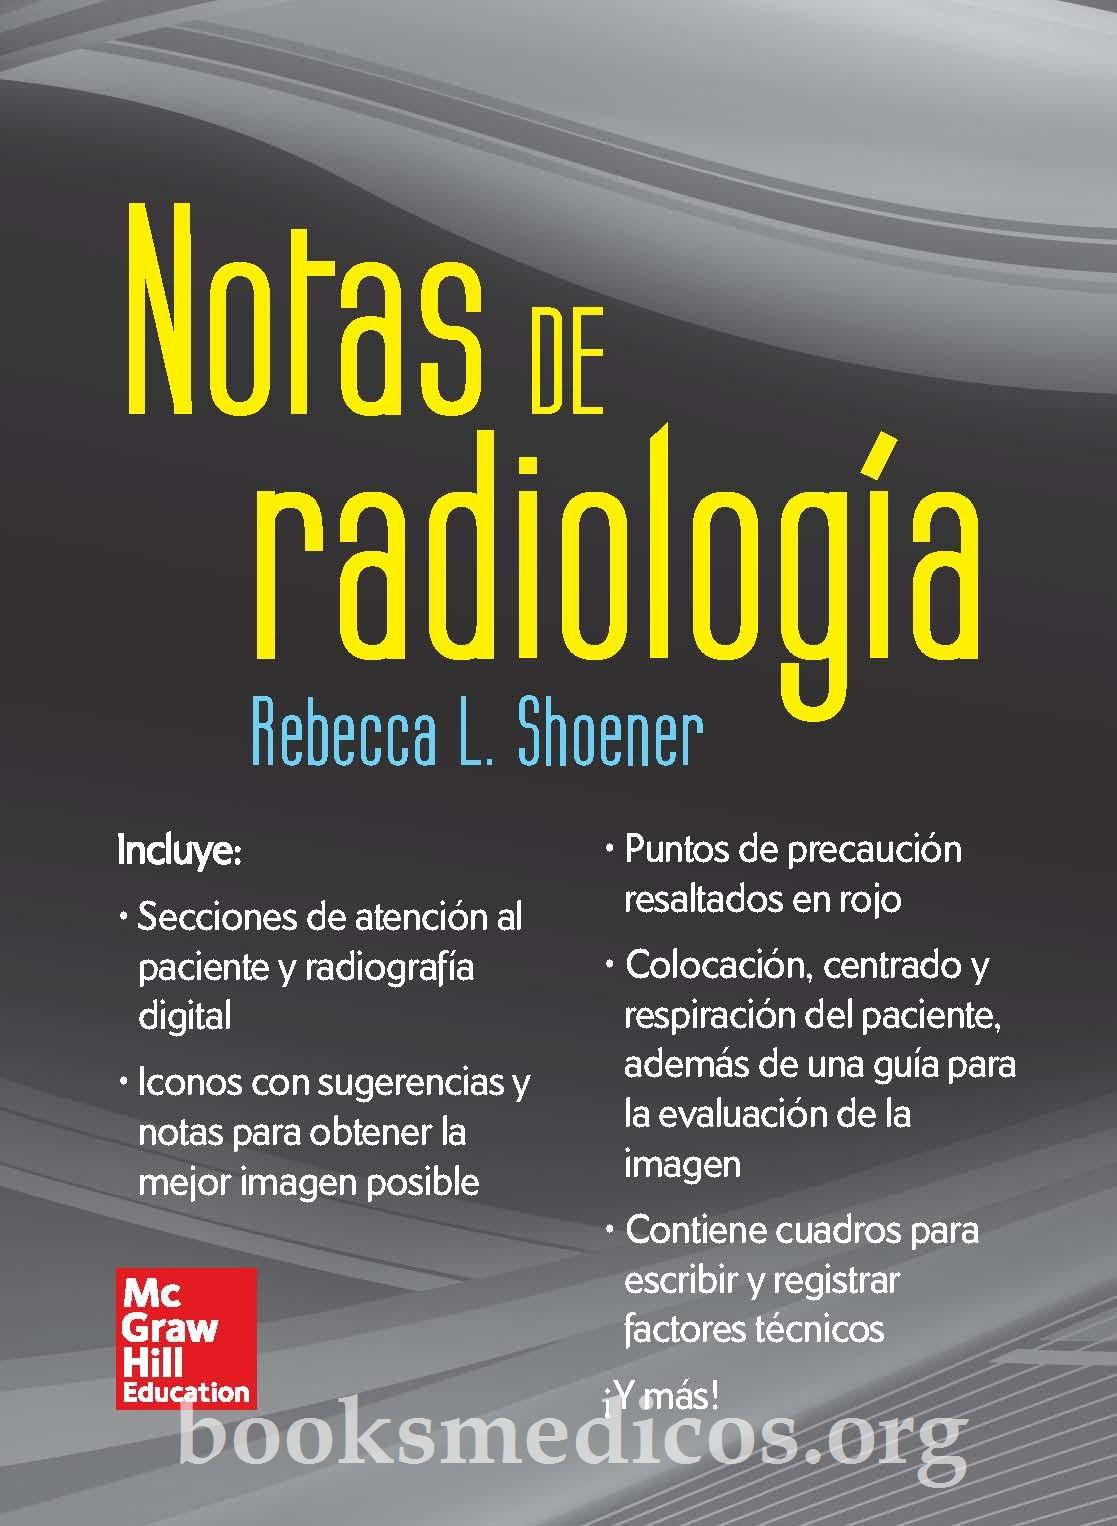 Notas de Radiología Shoener | booksmedicos